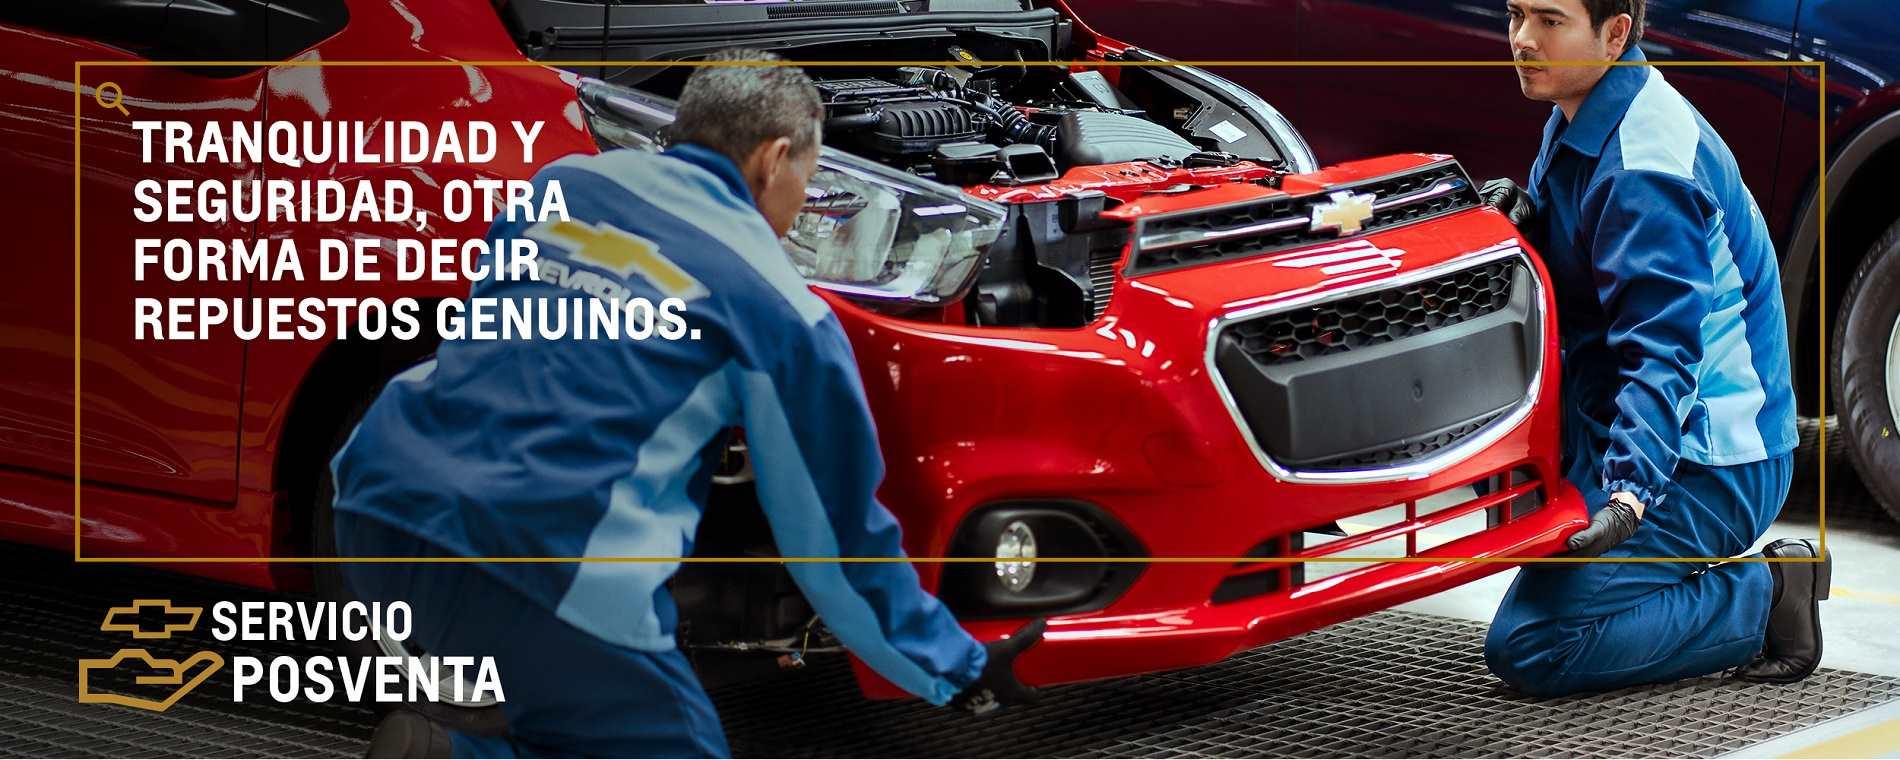 Concesionario Chevrolet - En Concesionario encuentras nuestros servicios posventa